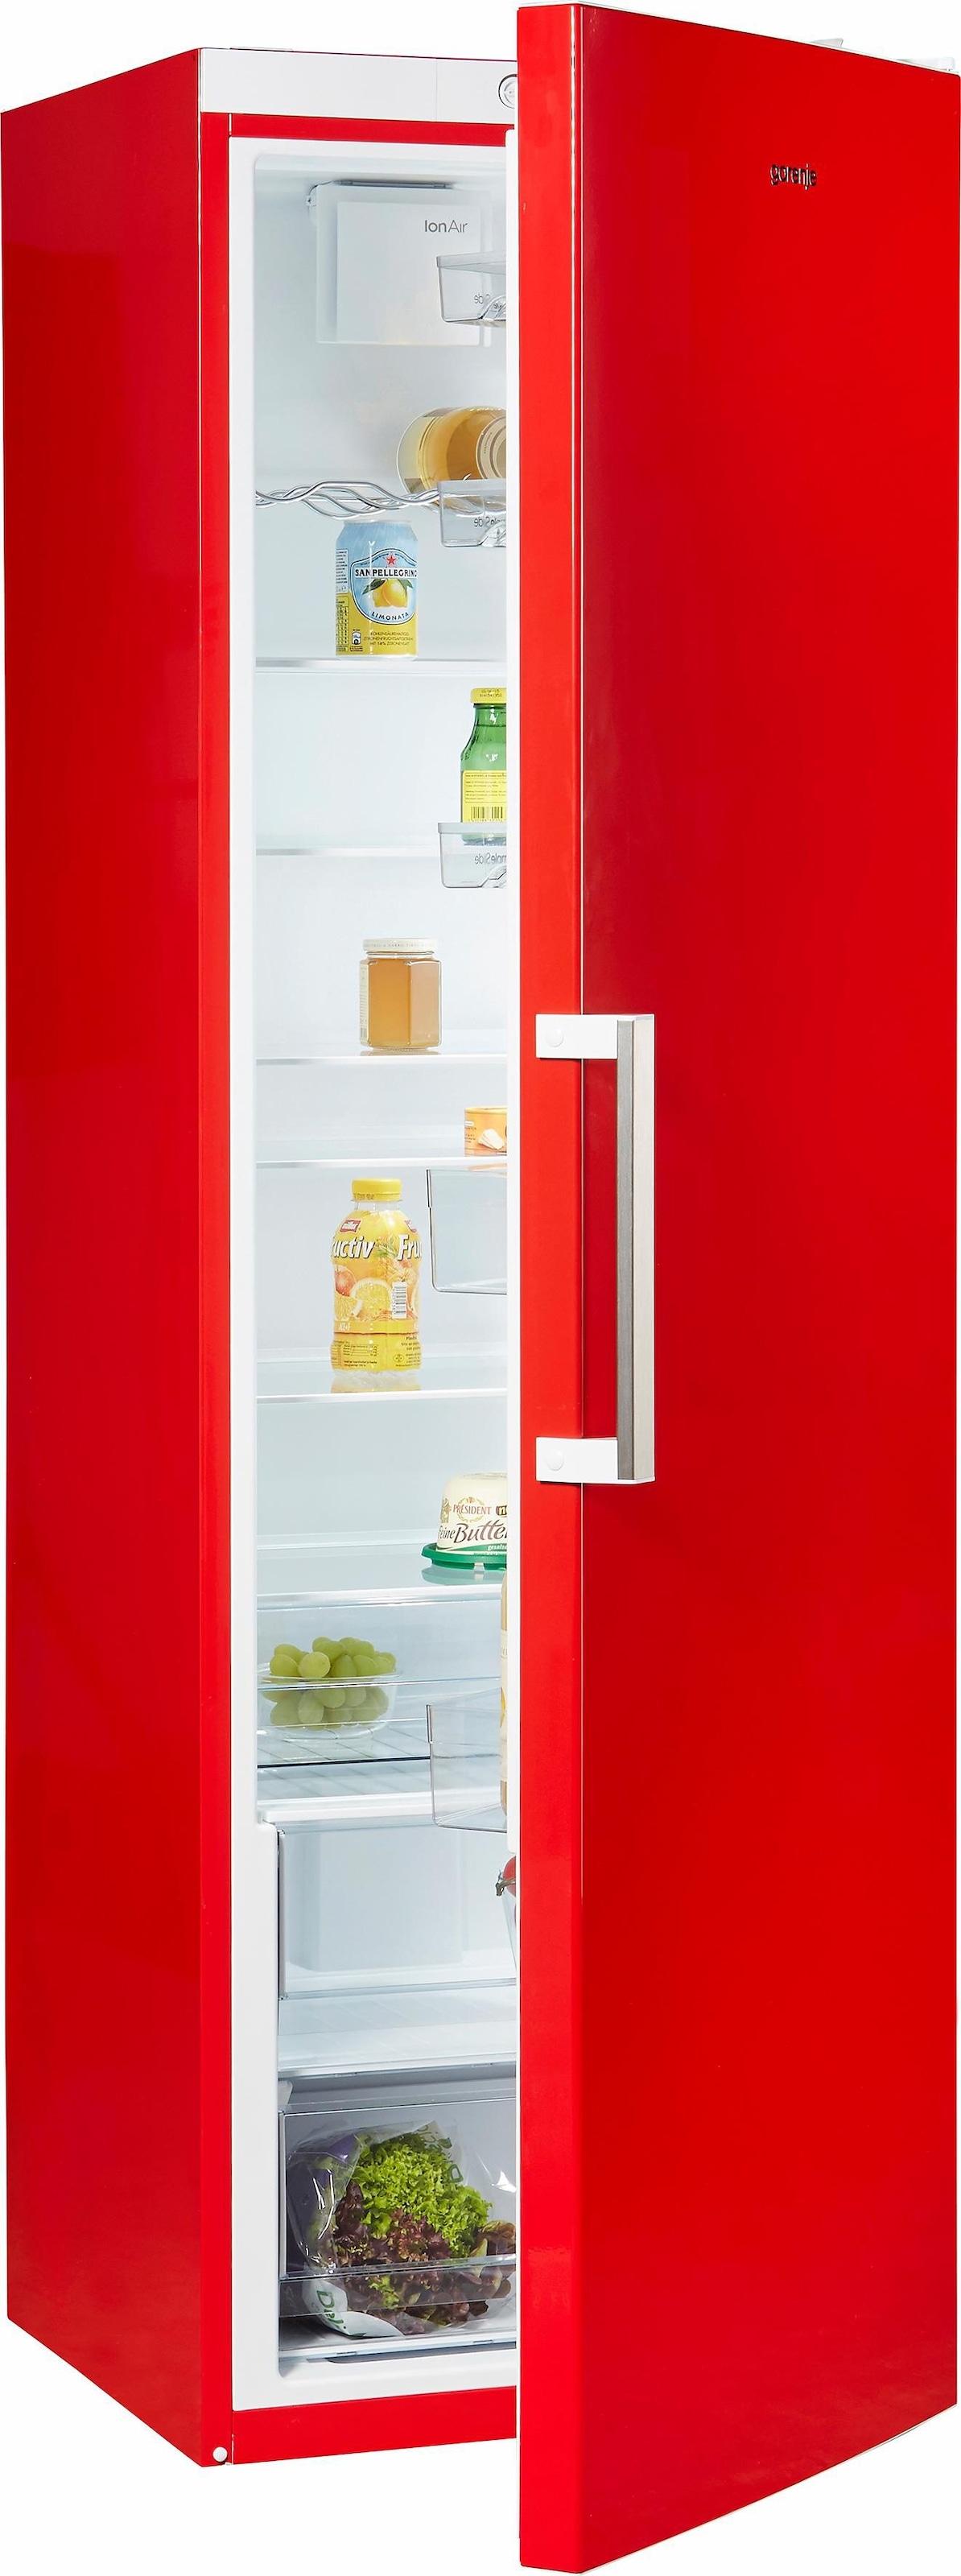 Gorenje Kühlschrank Nach Transport : Gorenje kühlschrank cm hoch cm breit baur